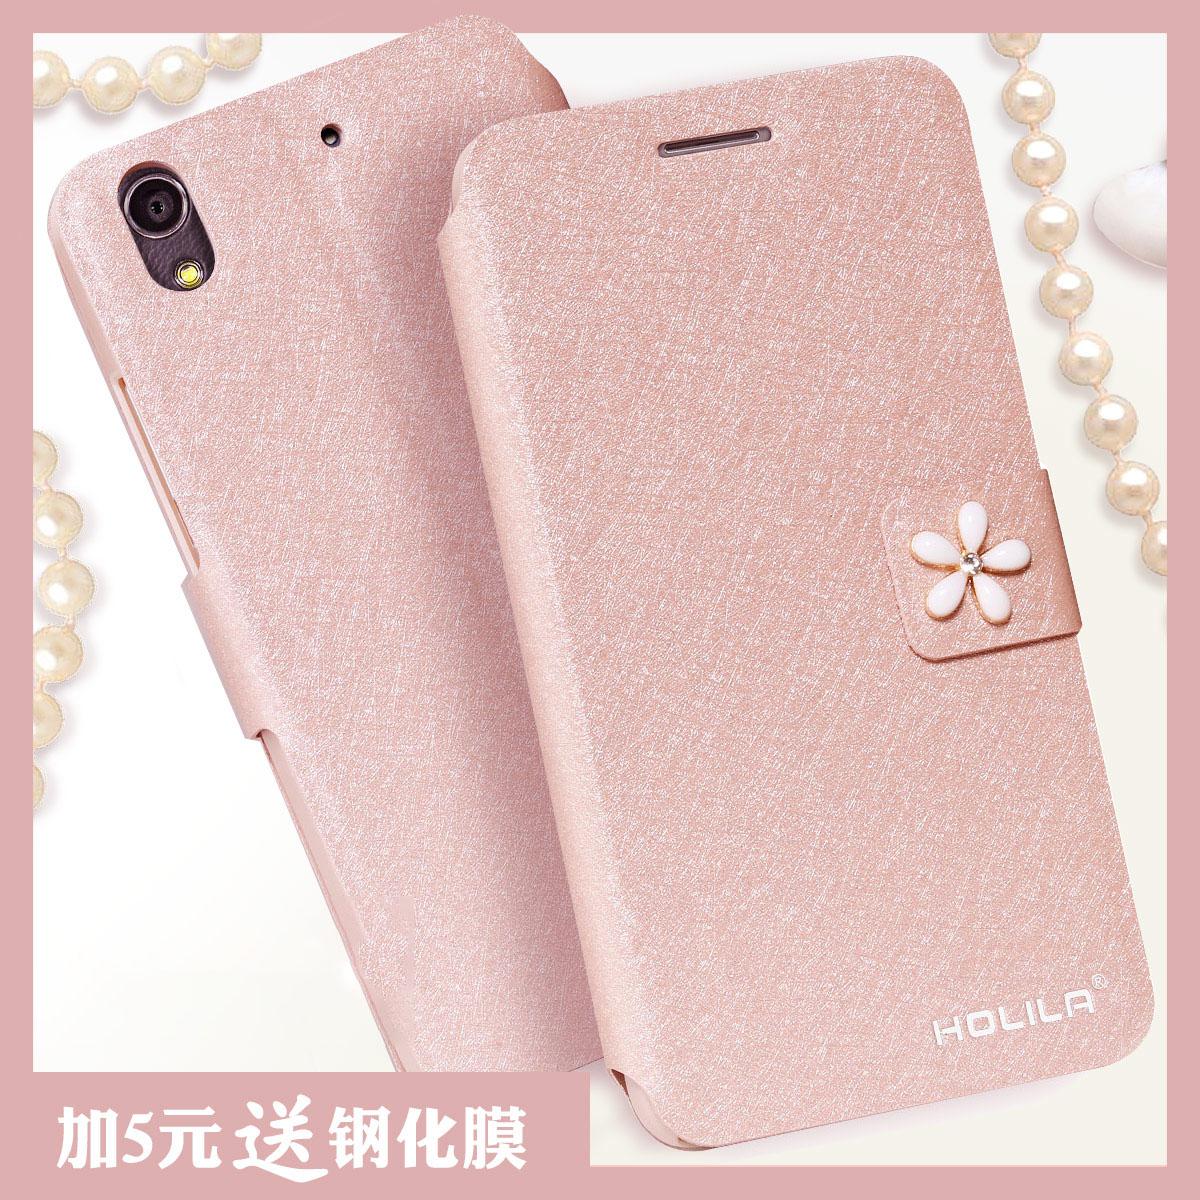 HOLILA华为荣耀畅玩4手机壳C8817E手机套C8817D翻盖式保护套精品